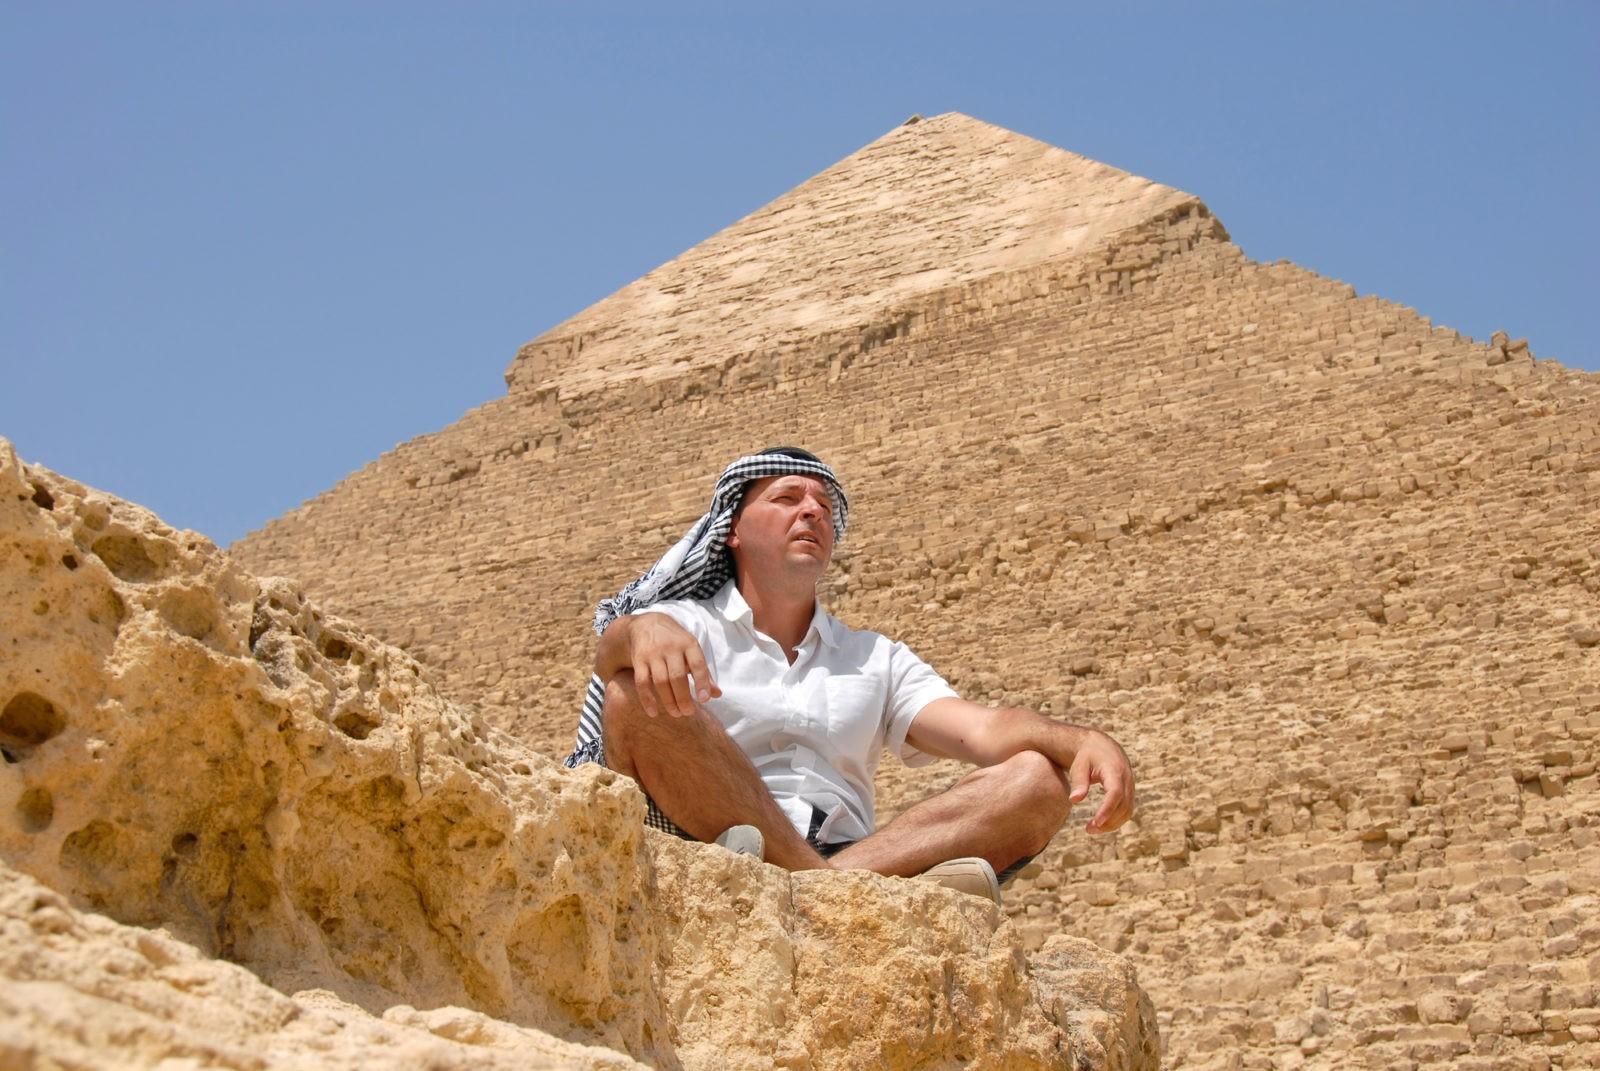 Человек отдыхает на фоне пирамиды в Египте